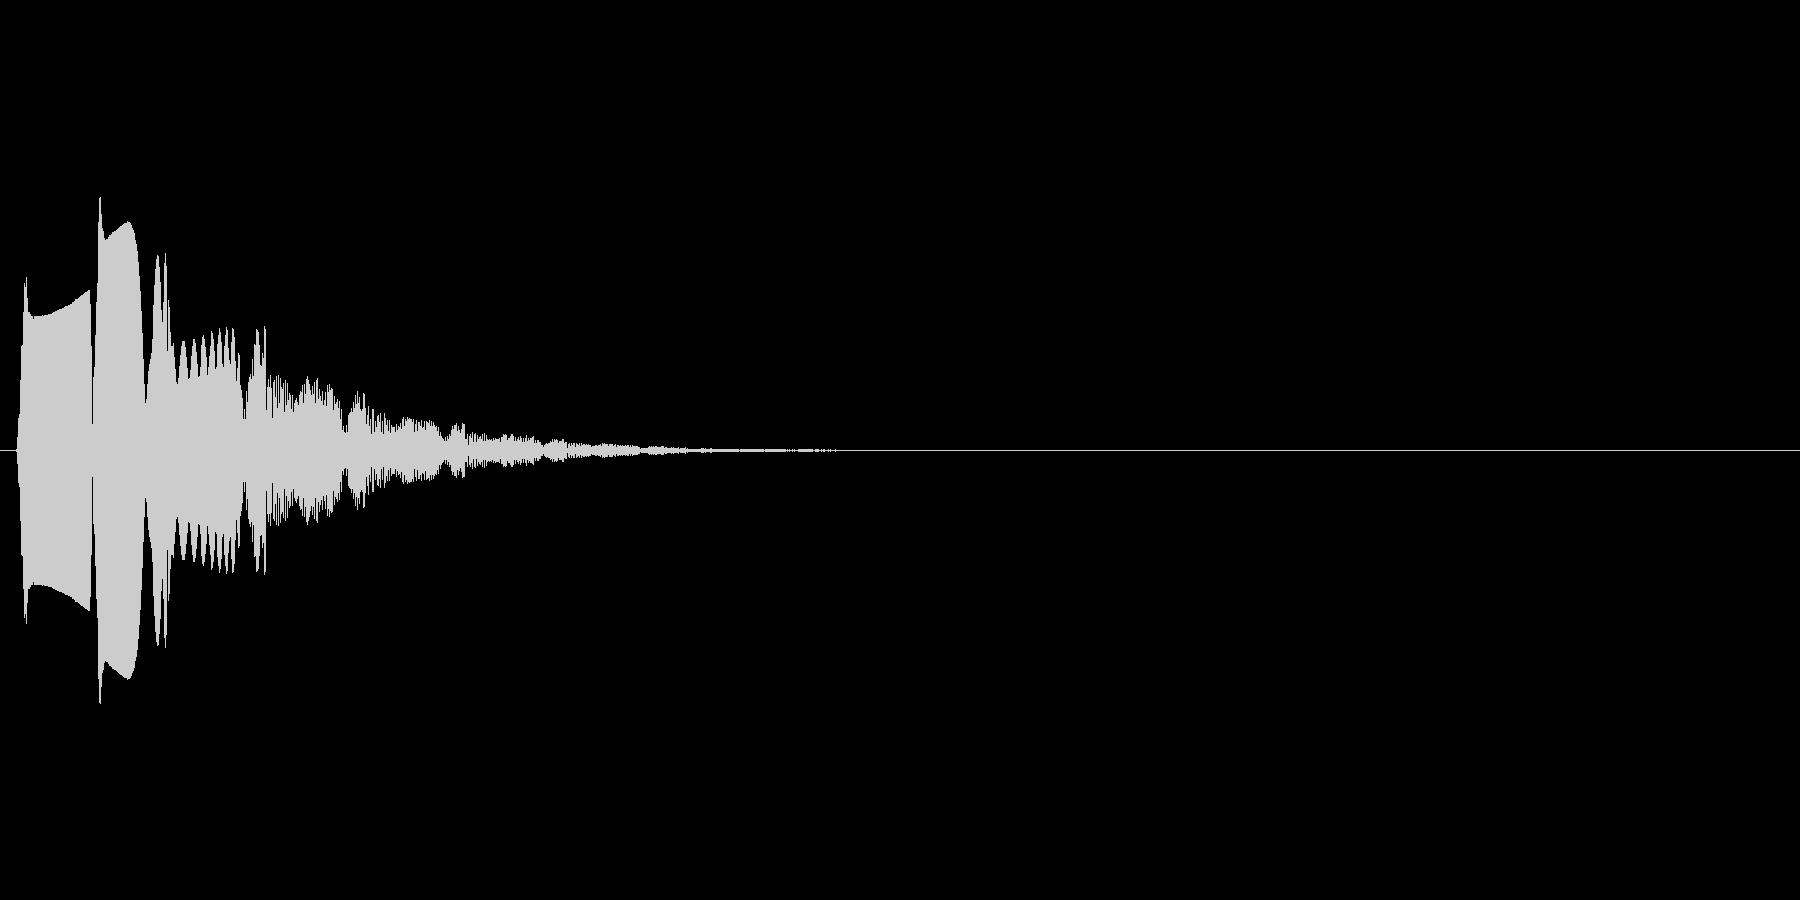 ブワワワッ(水魔法、バブル、水、弾ける)の未再生の波形